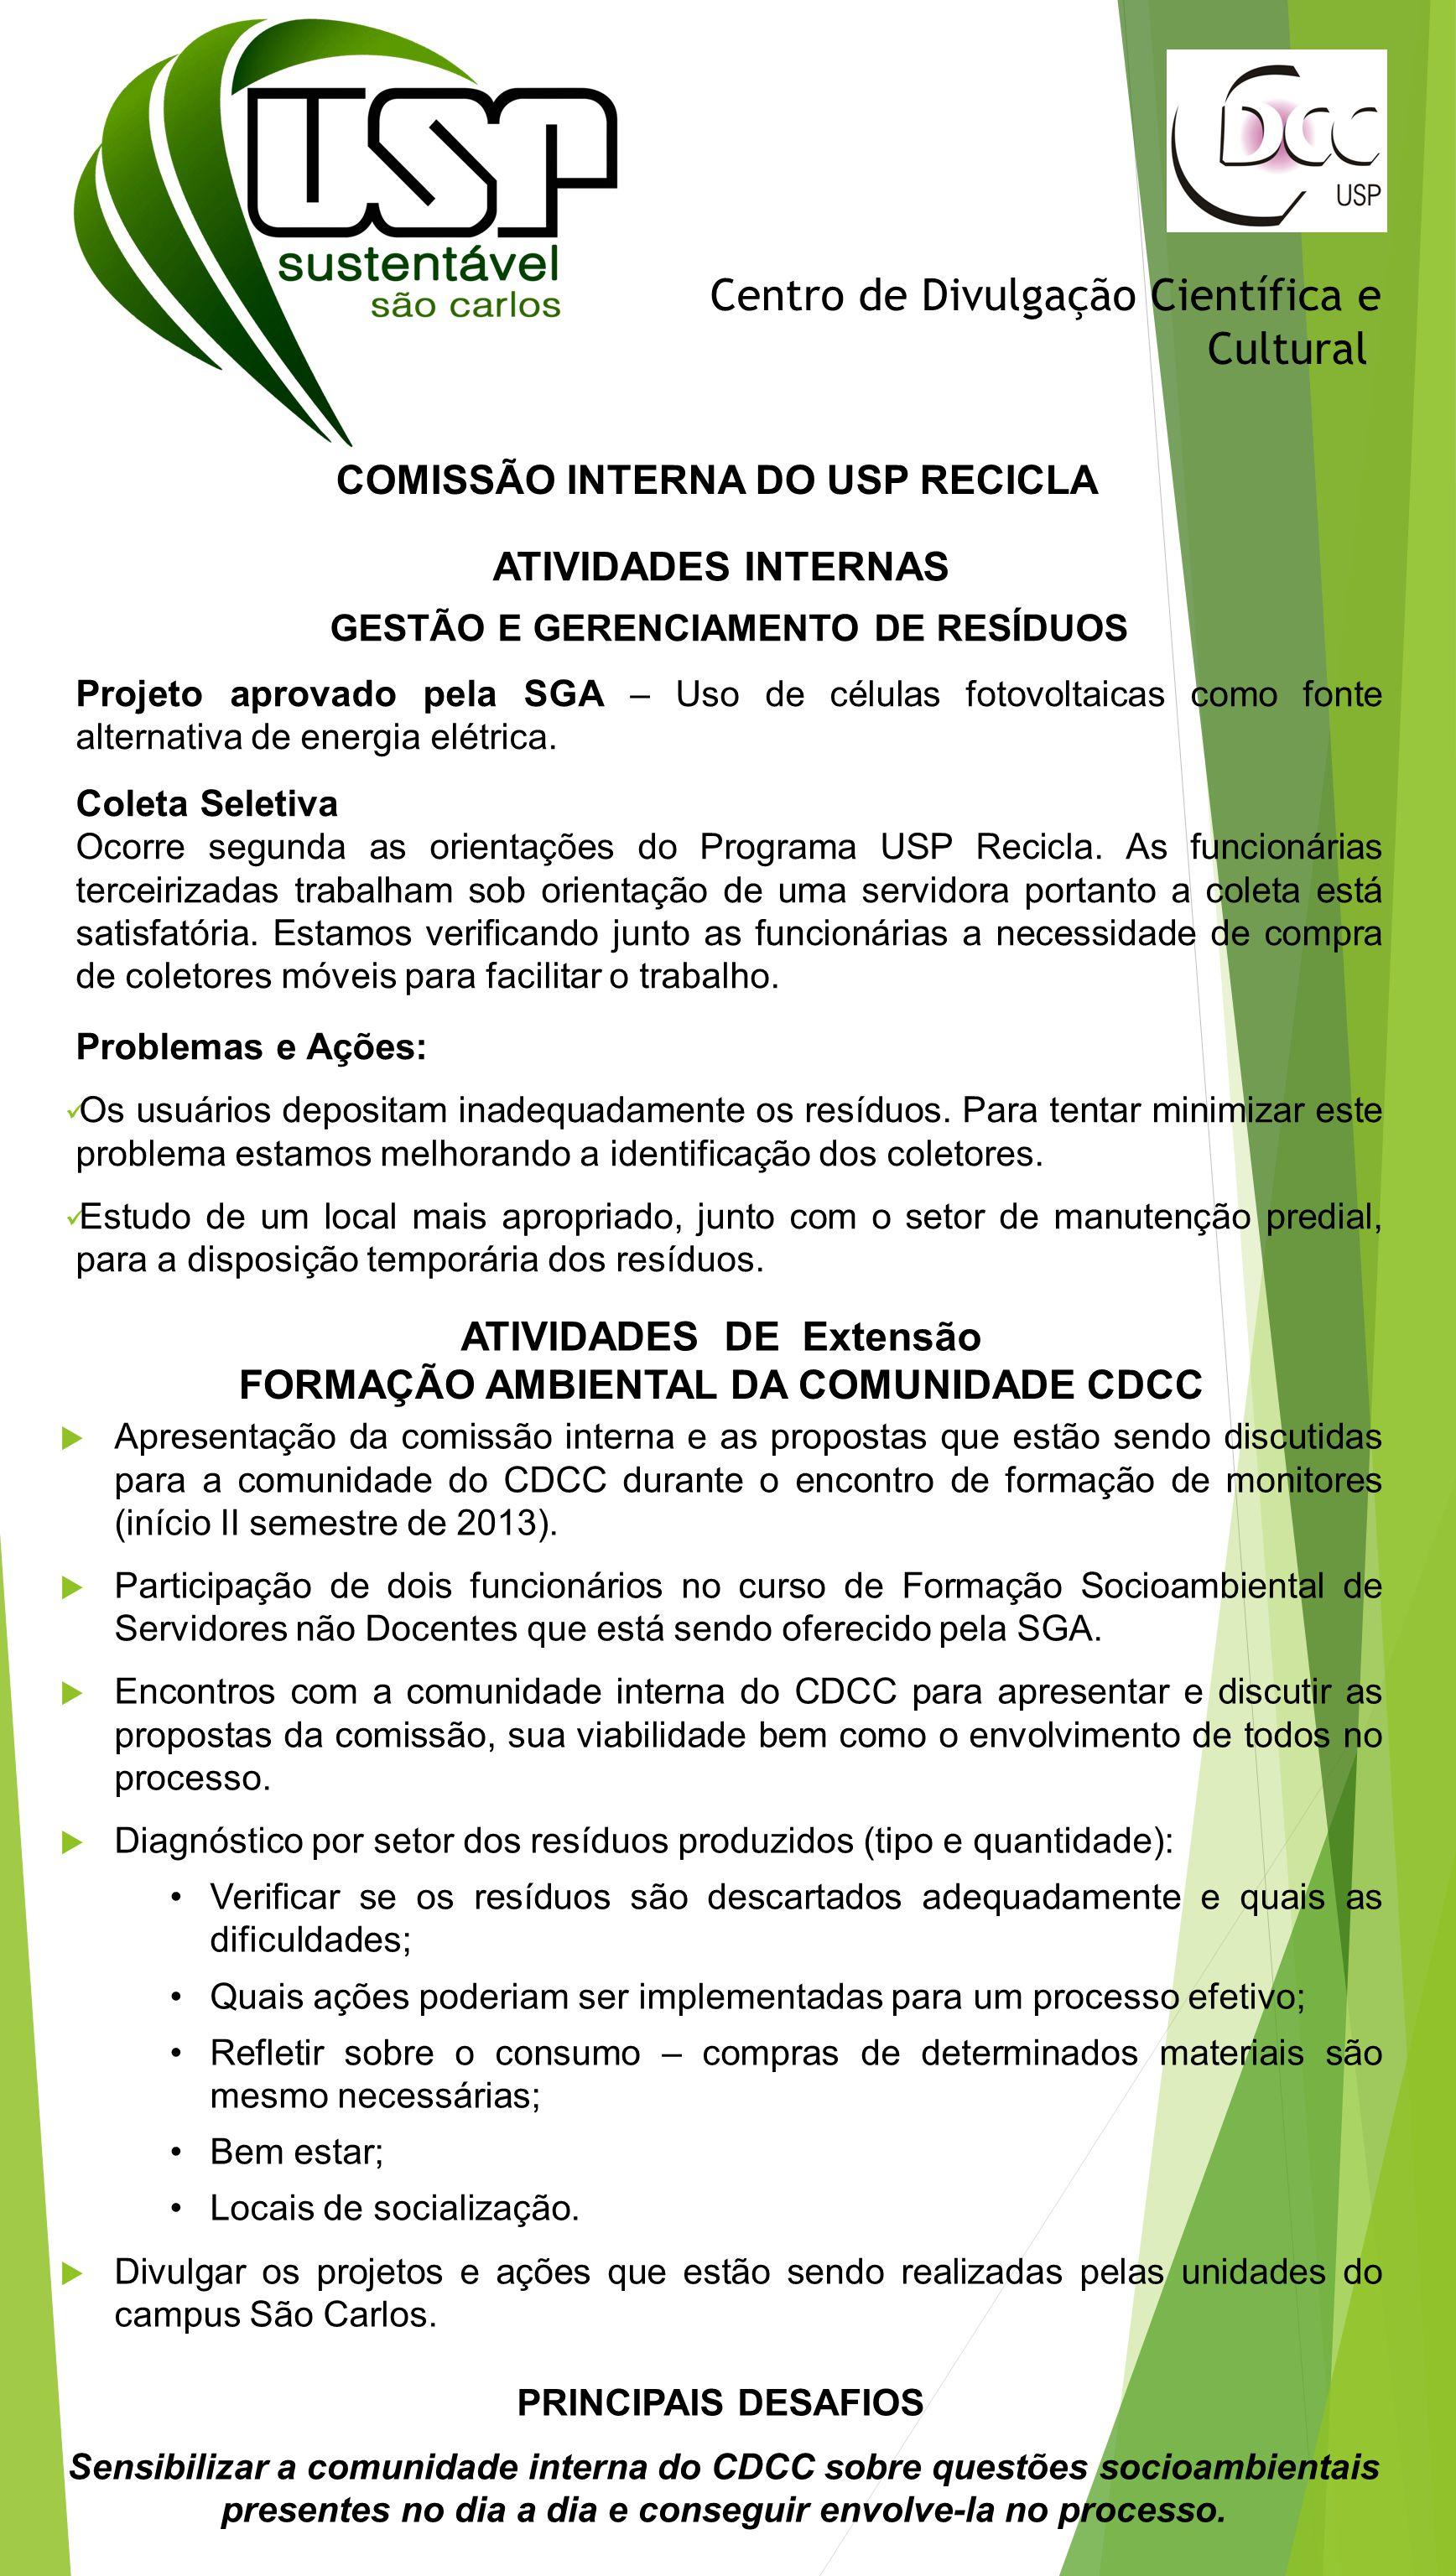 Centro de Divulgação Científica e Cultural COMISSÃO INTERNA DO USP RECICLA ATIVIDADES DE Extensão ATIVIDADES INTERNAS GESTÃO E GERENCIAMENTO DE RESÍDU